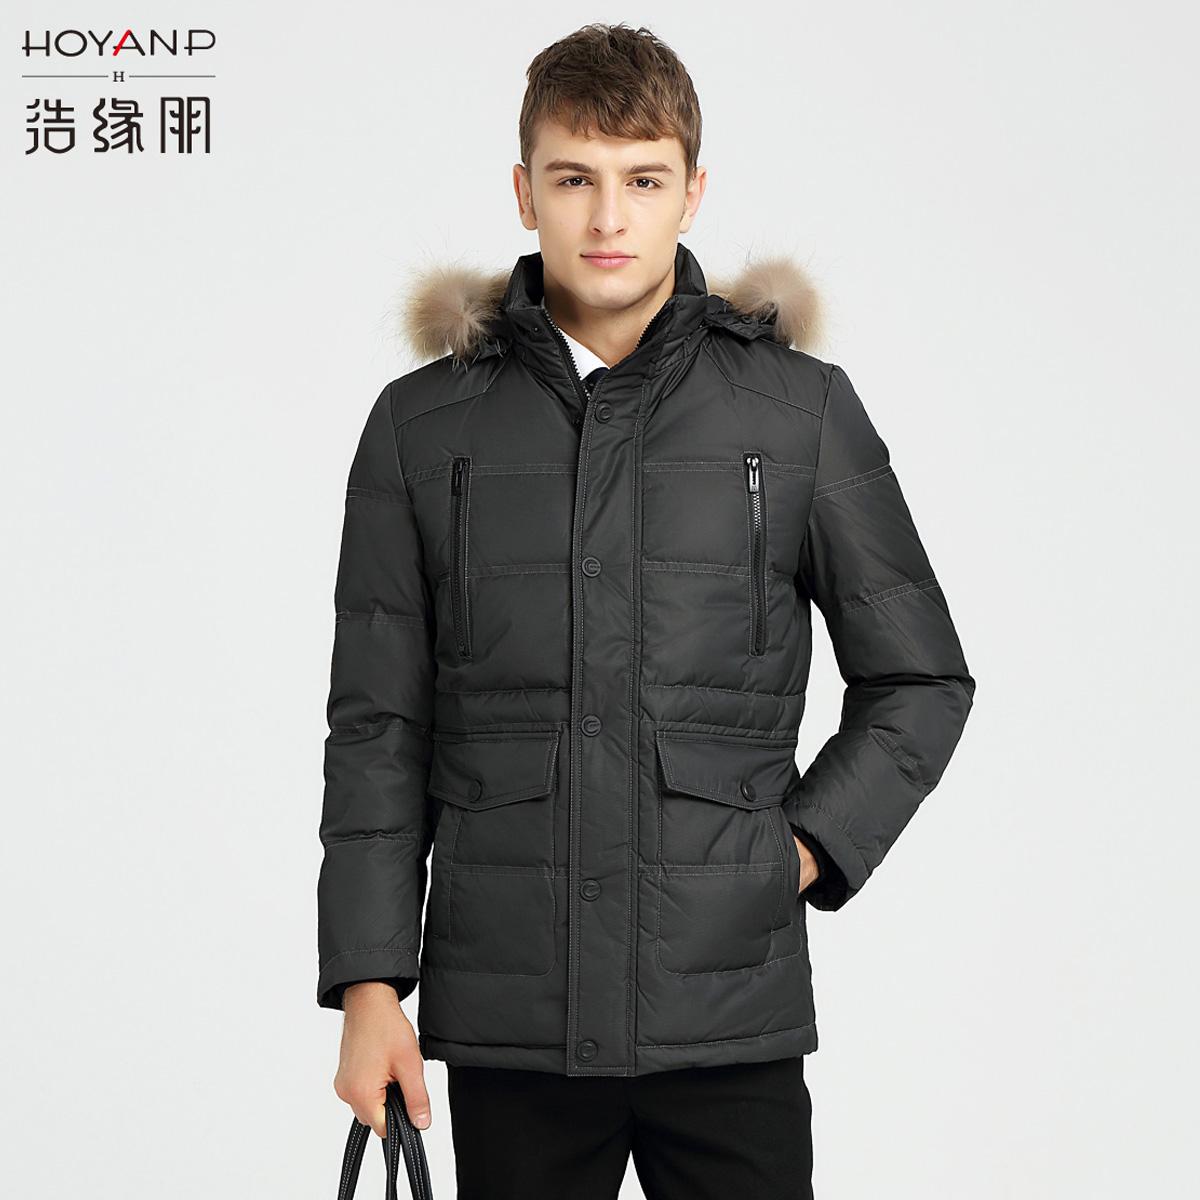 HOYANP新款中老年男士大毛领羽绒服中长款加厚冬装休闲外套yrf